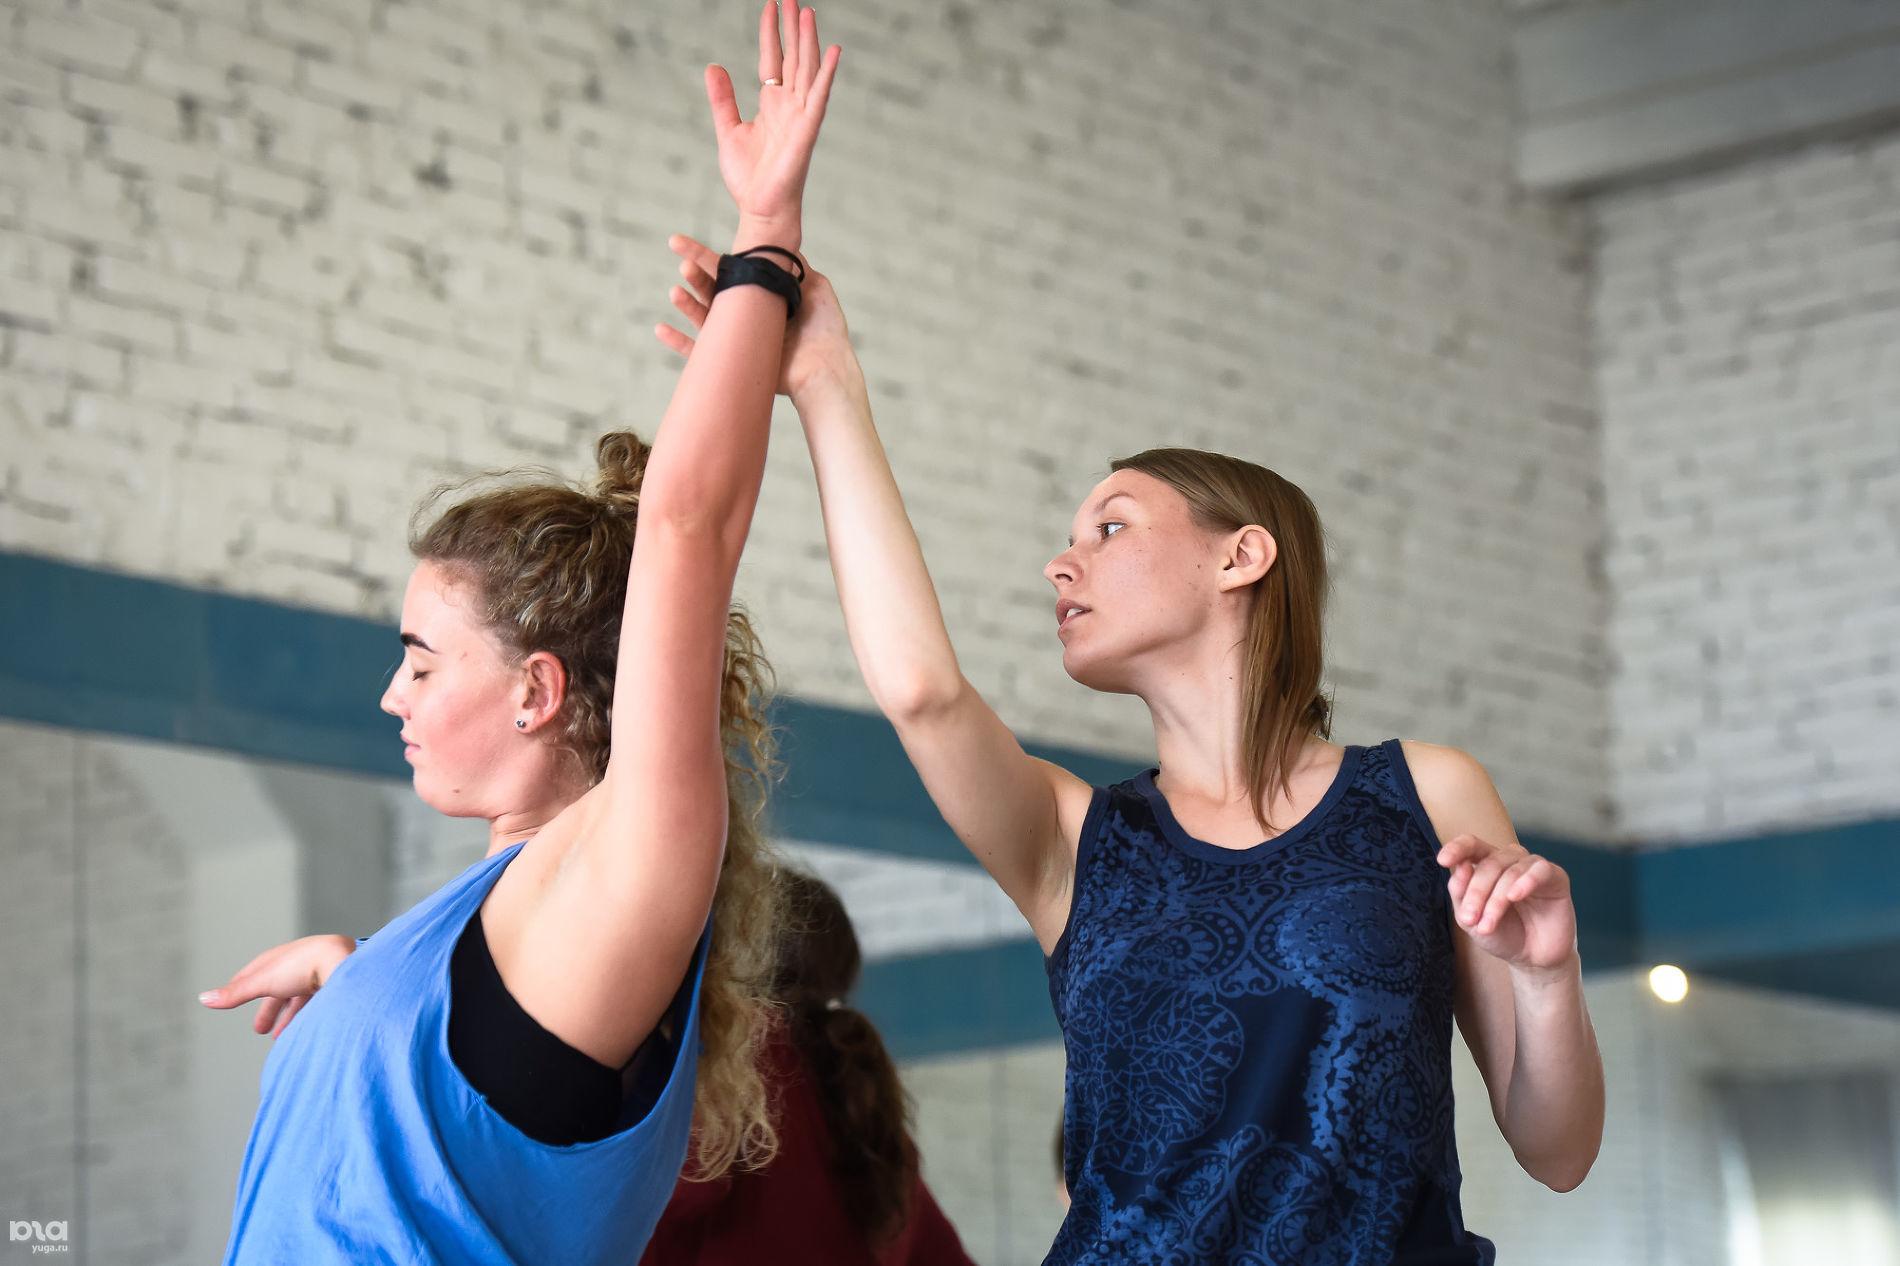 Мастер-класс по контактной импровизации в студии «Воздух» © Фото Елены Синеок, Юга.ру